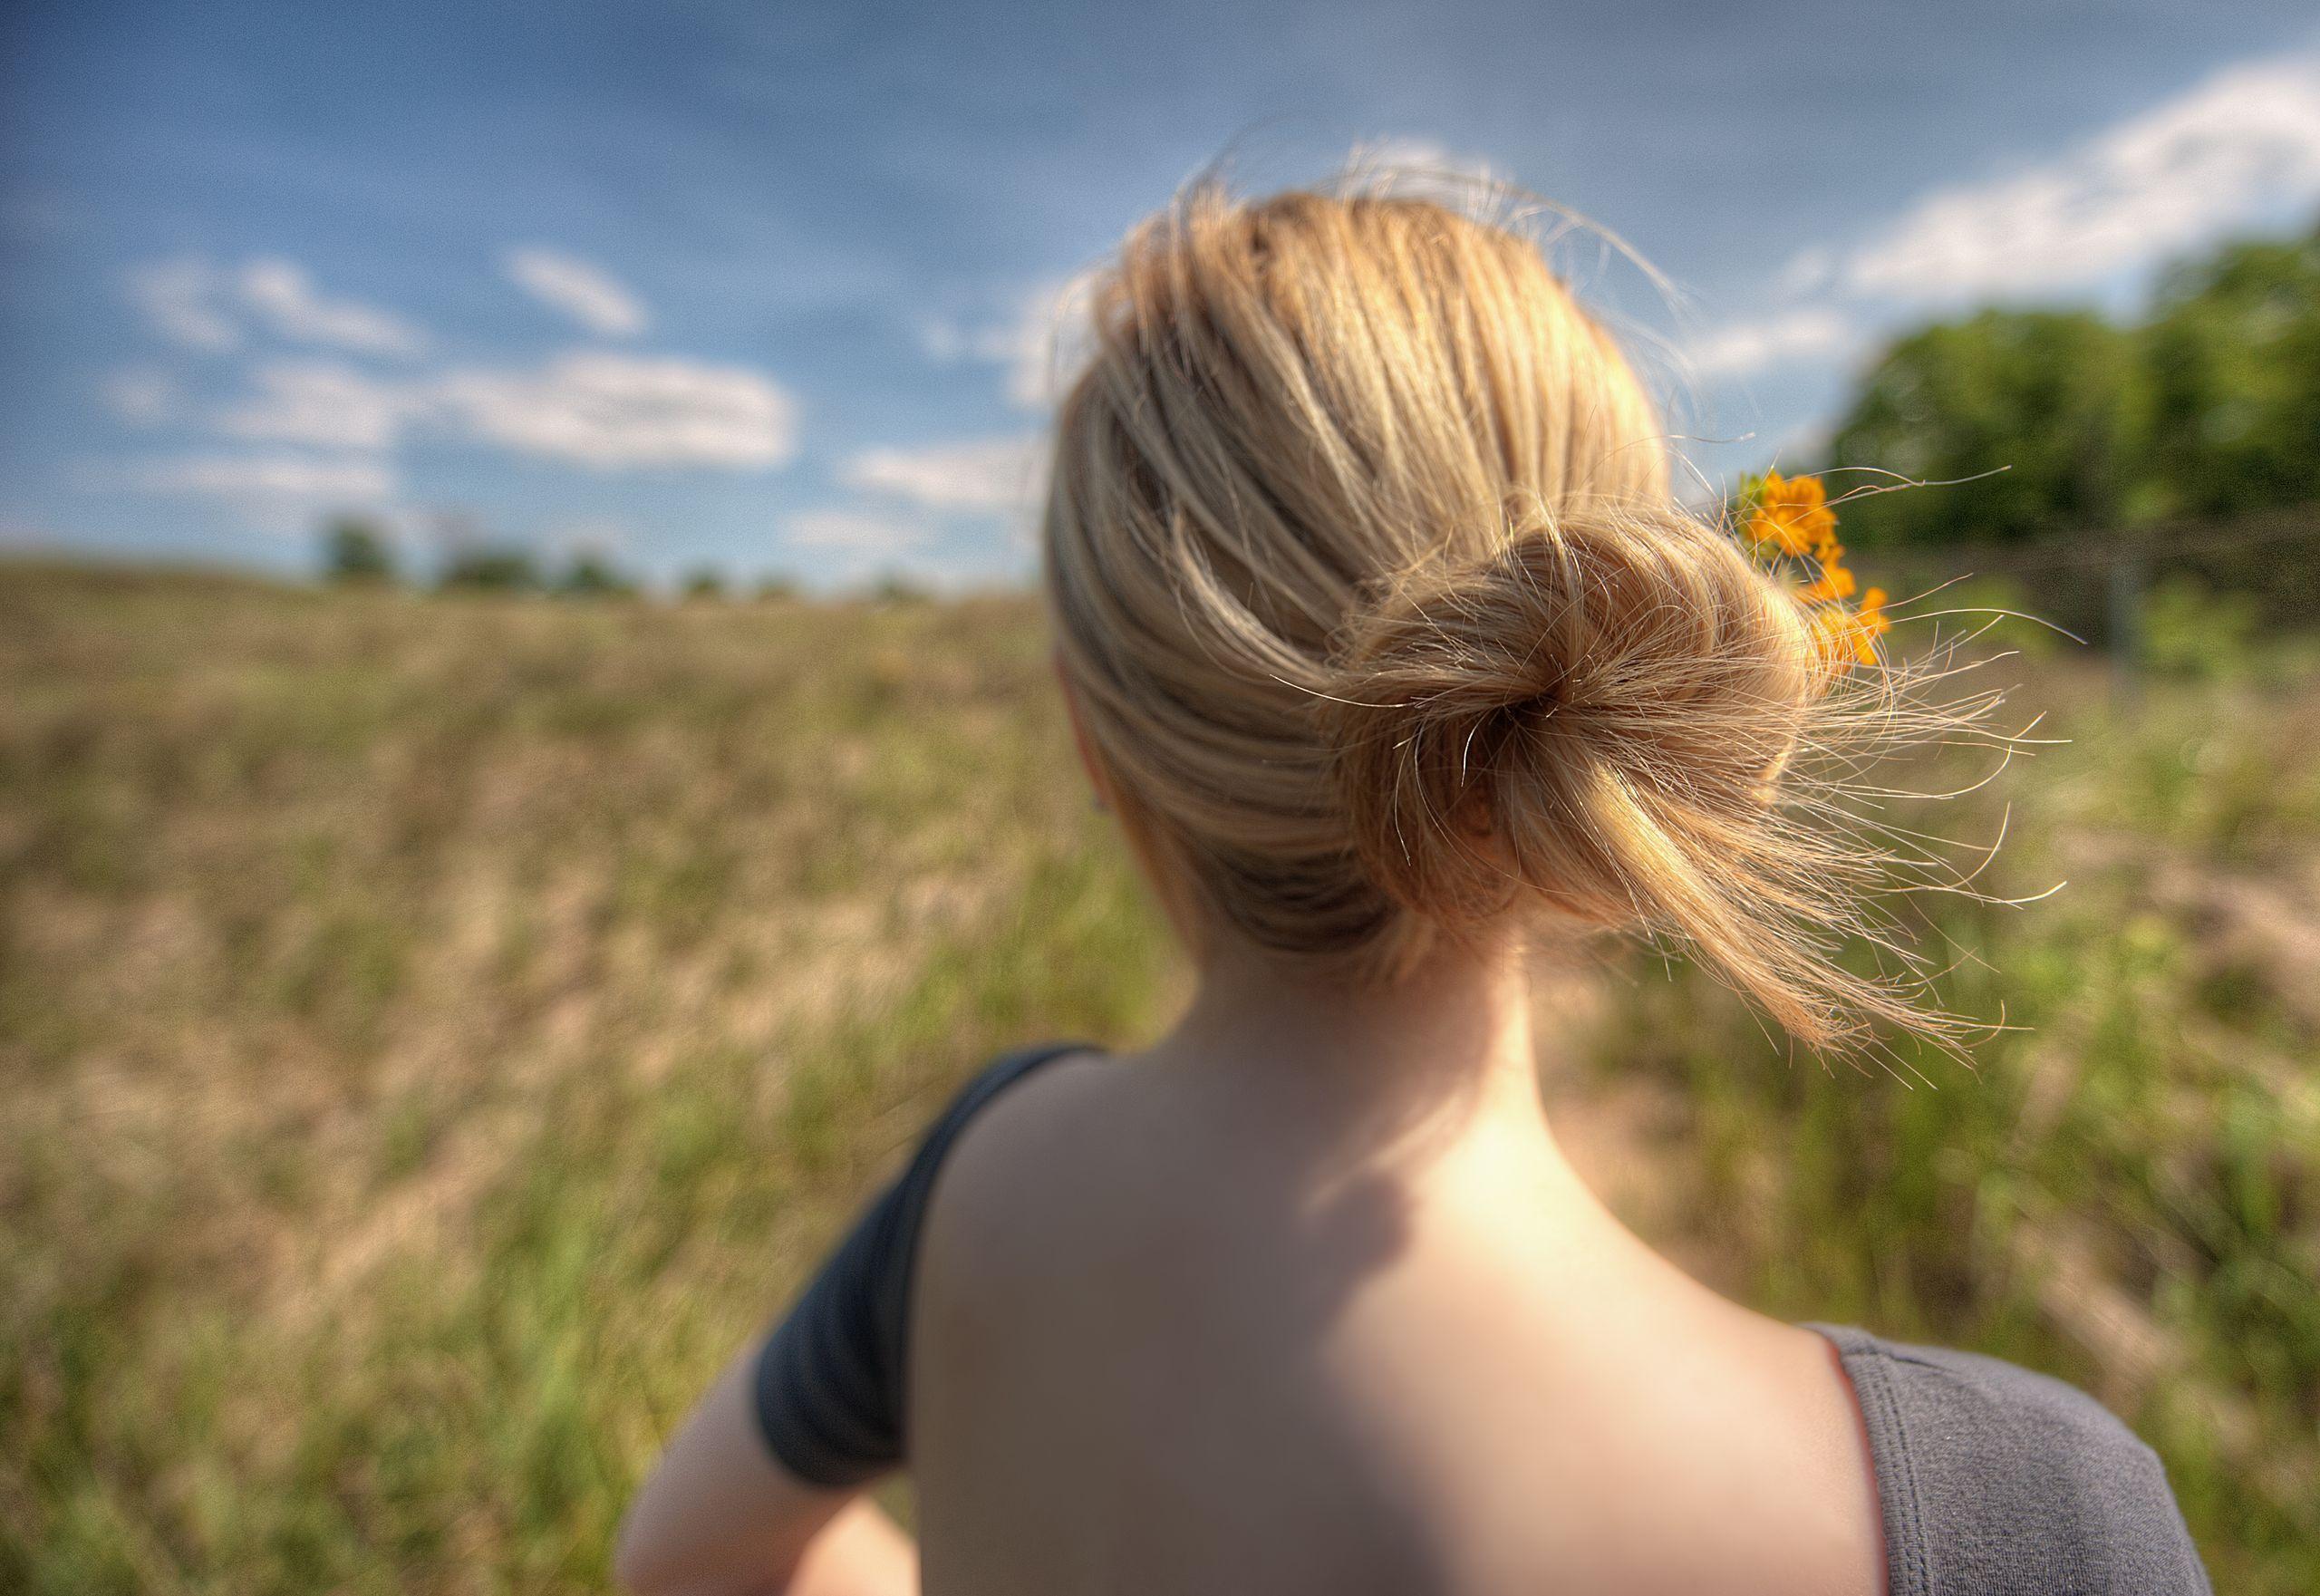 Черно-белые девушек блондинок со спины на аву